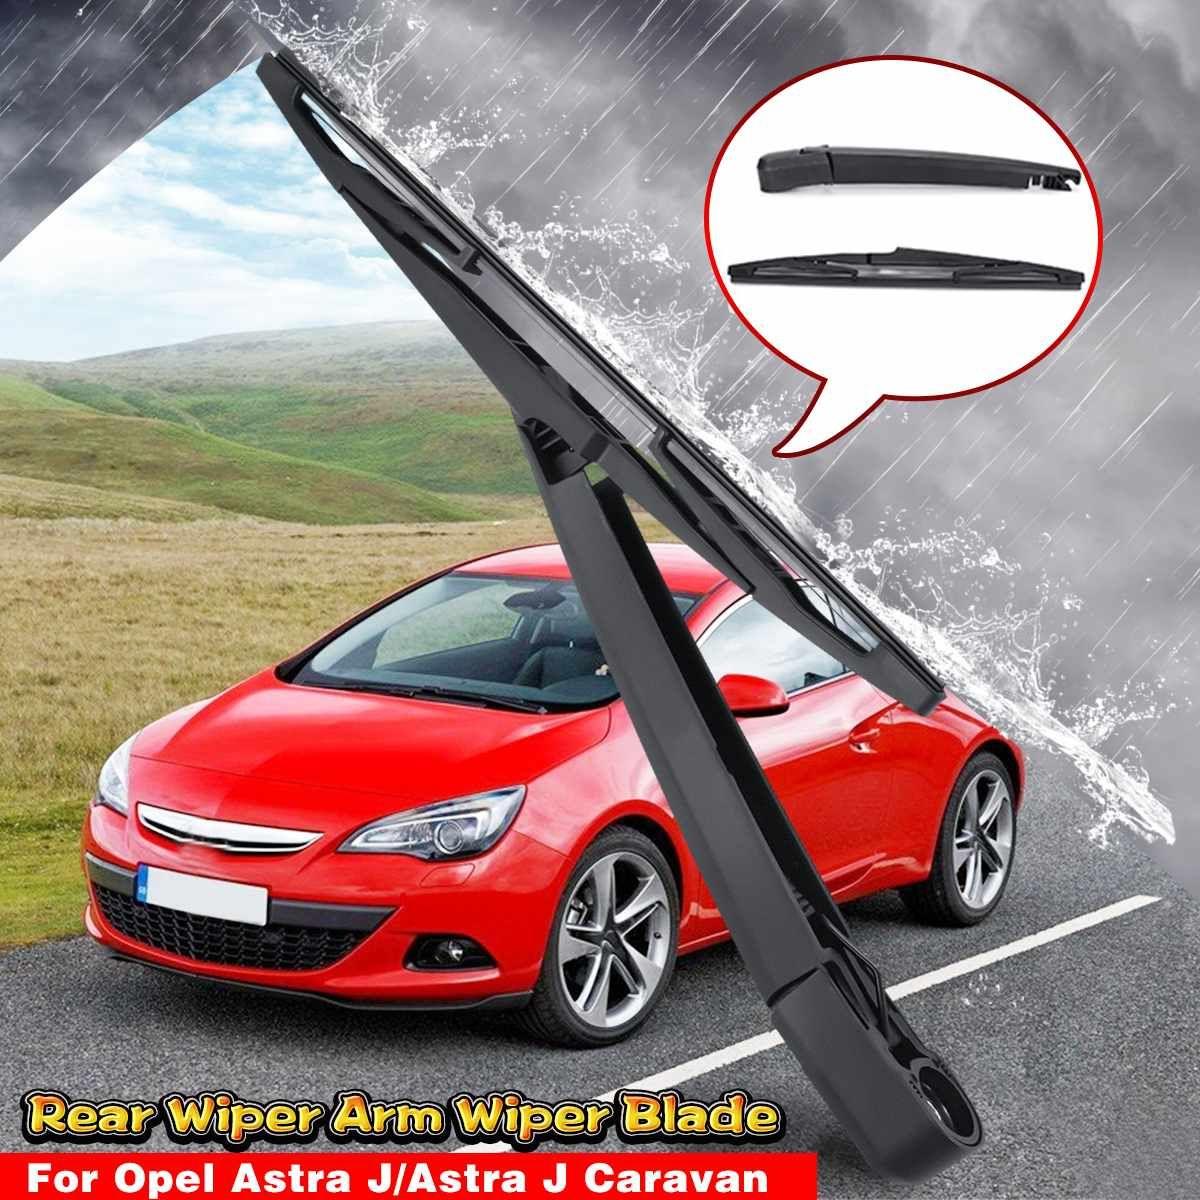 Für Vauxhall/Opel Astra J 2009-2011 2012 2013 2014 2015 2 stücke Heckscheibe Windschutz Wischer & wischer Arm Klinge Kit